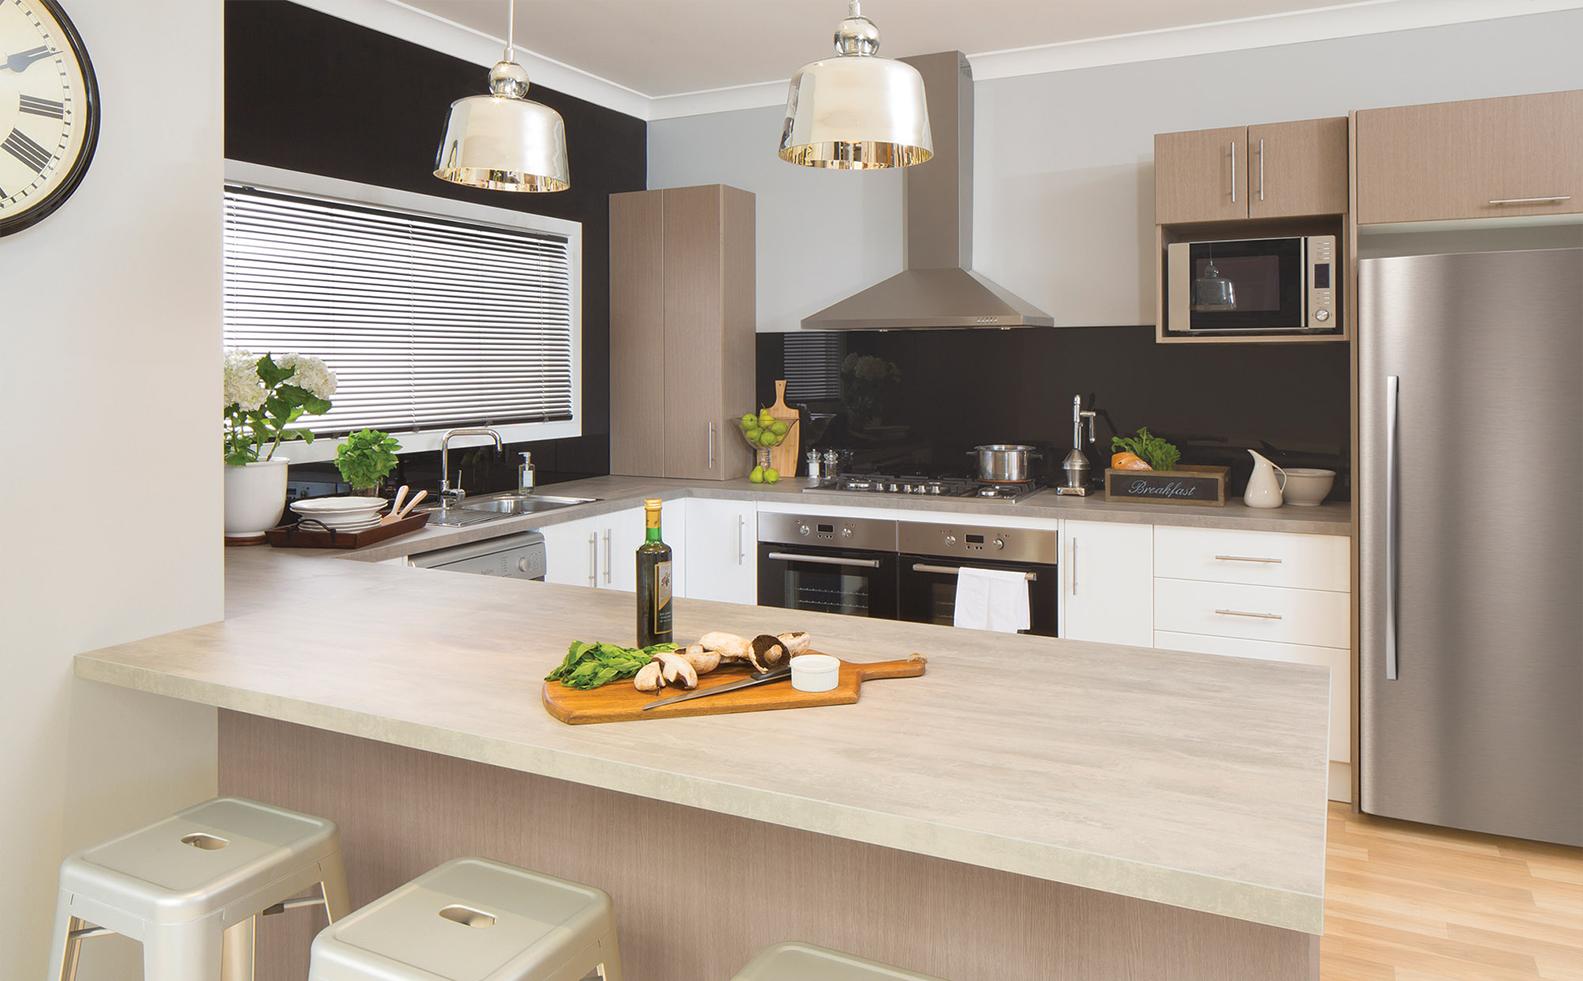 kaboodle kitchen prices nz kitchen layout kitchen design kitchen renovation trends on kaboodle kitchen design id=19645